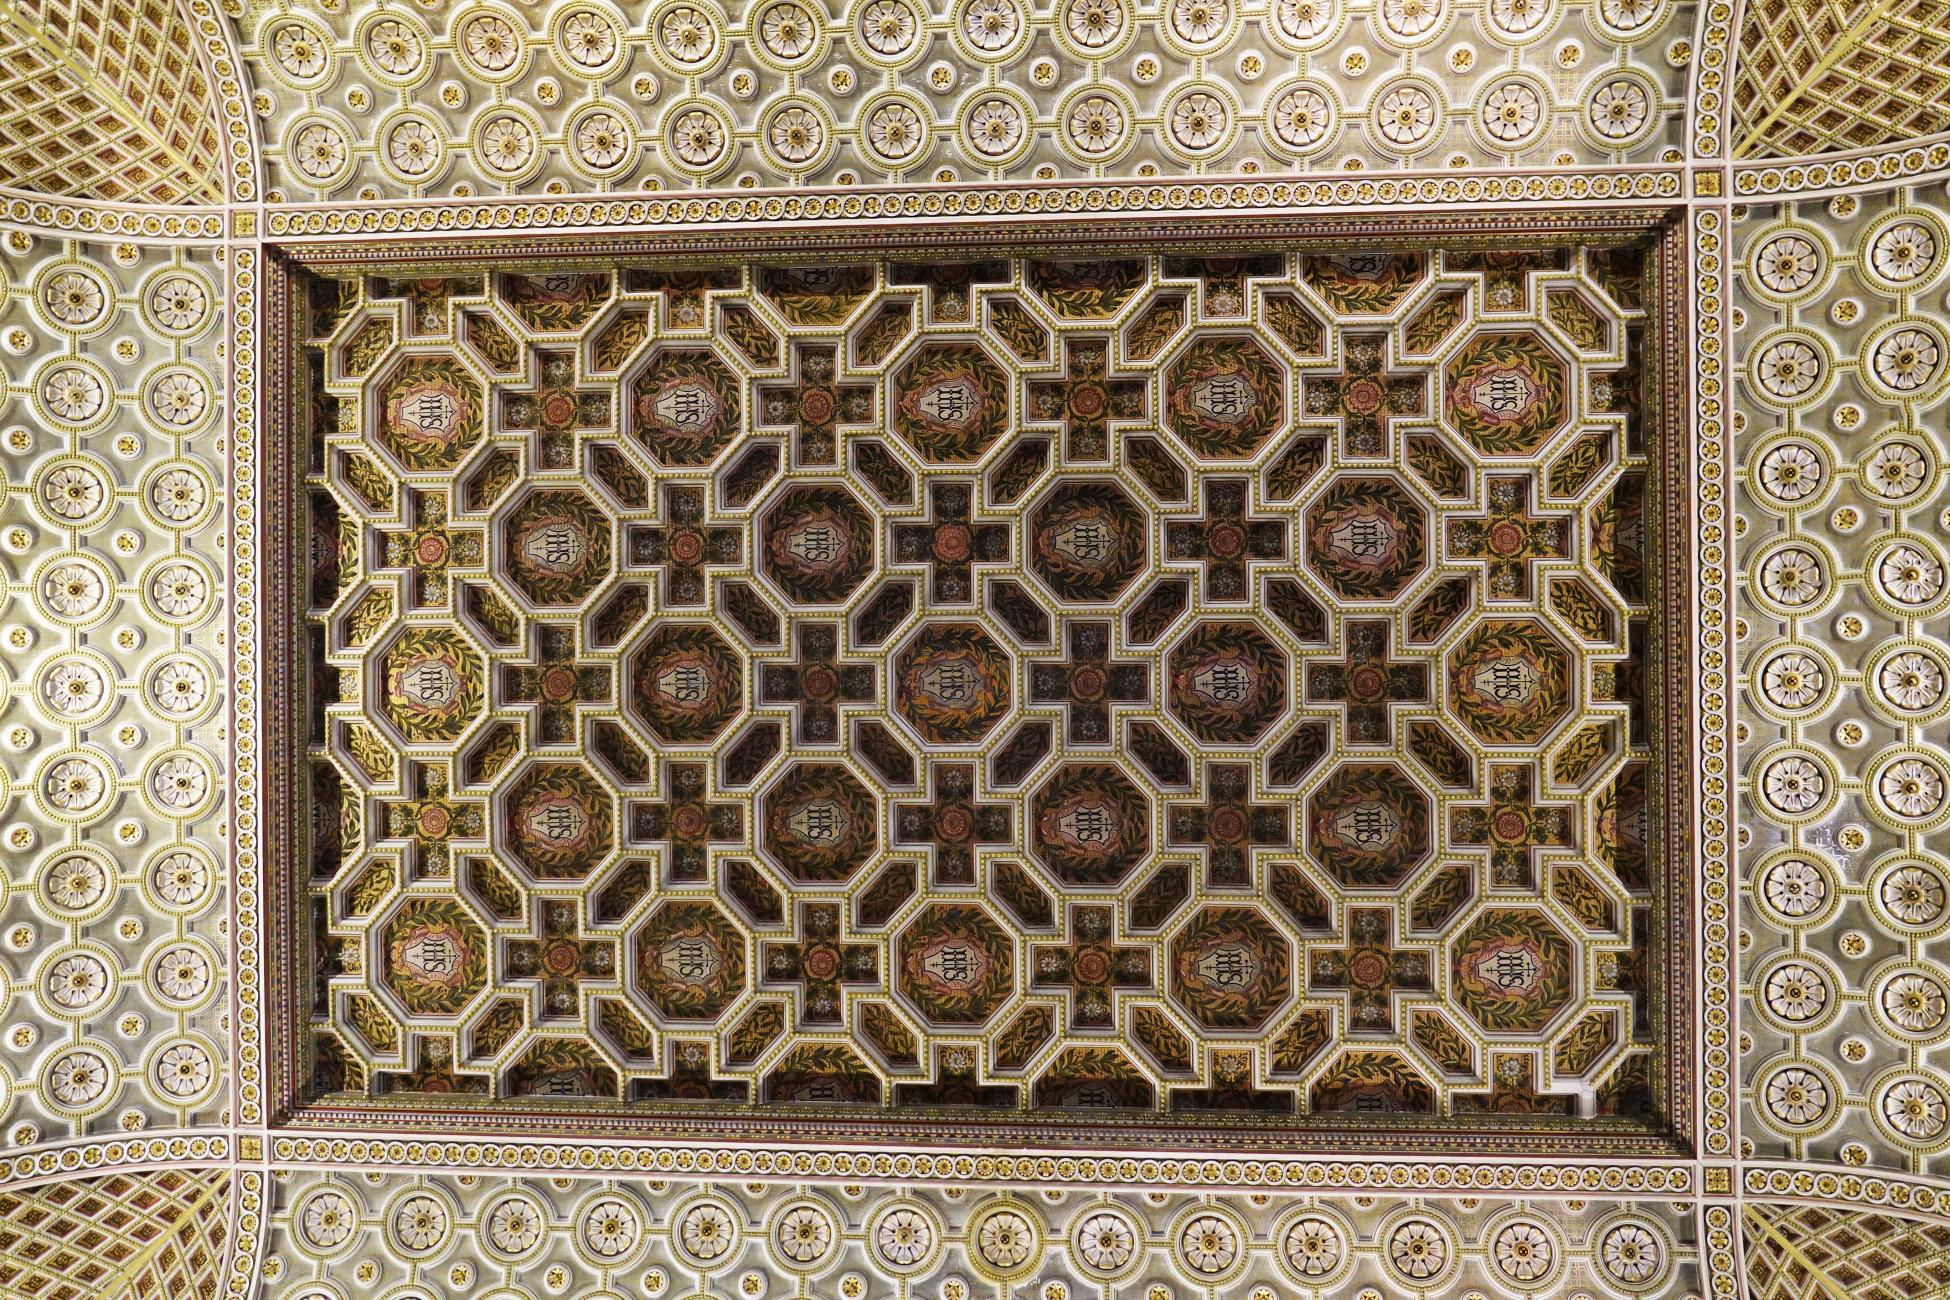 Chapel Ceiling Detail